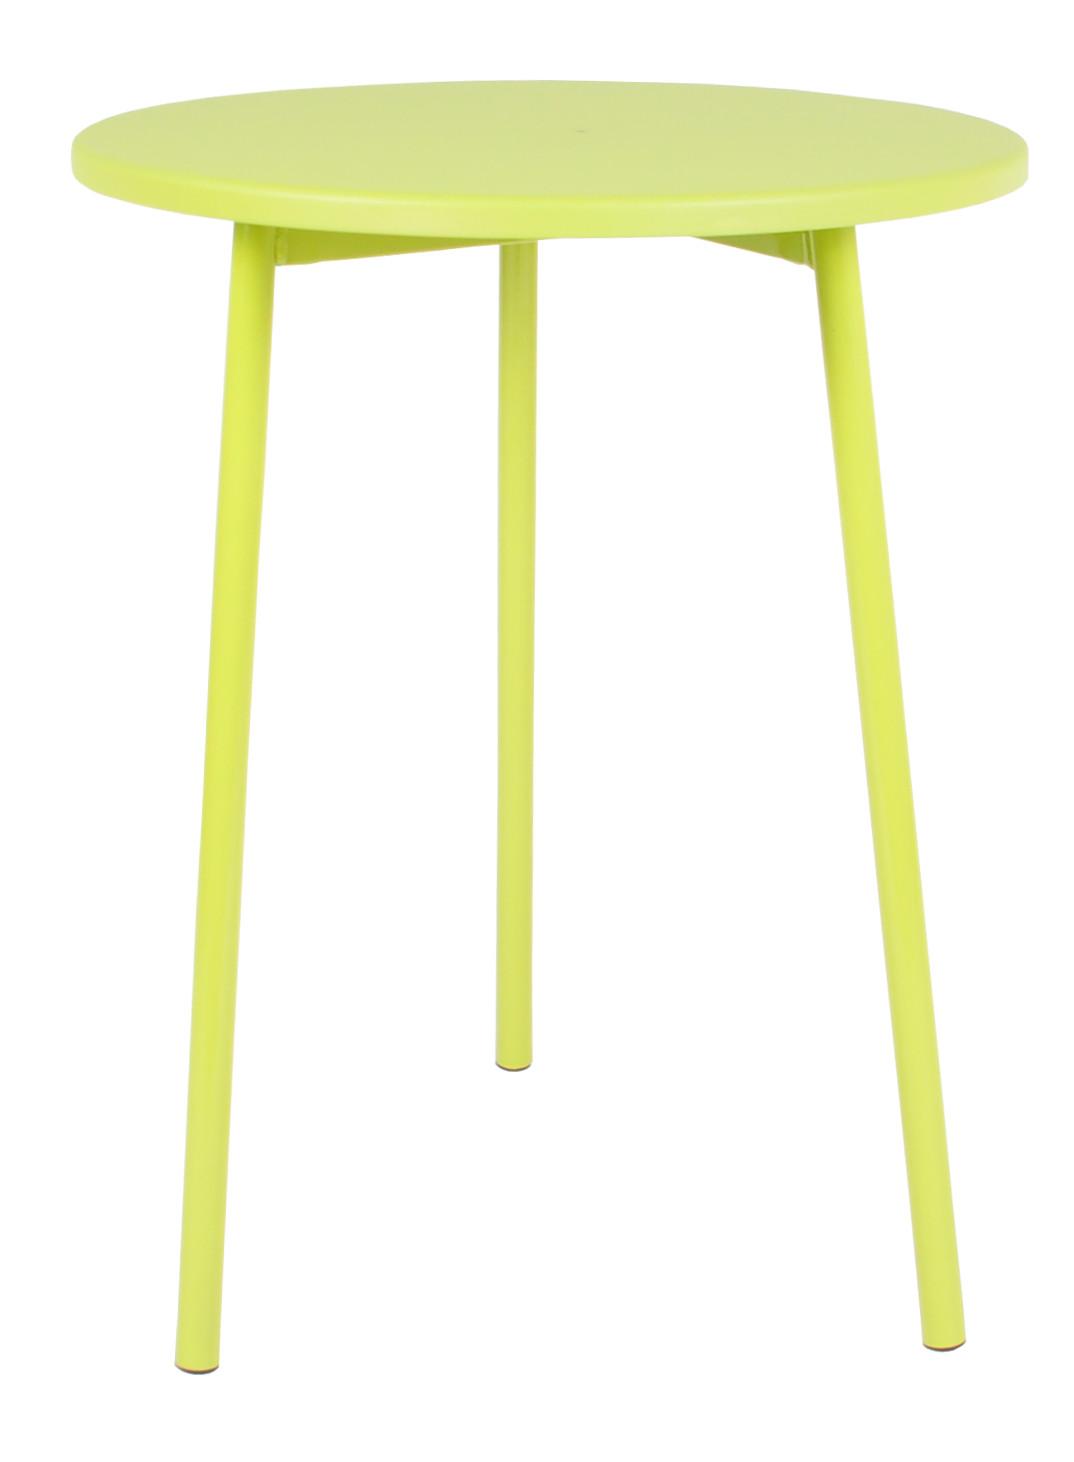 Couchtisch Tablett Tisch Kleiner Tabletttisch